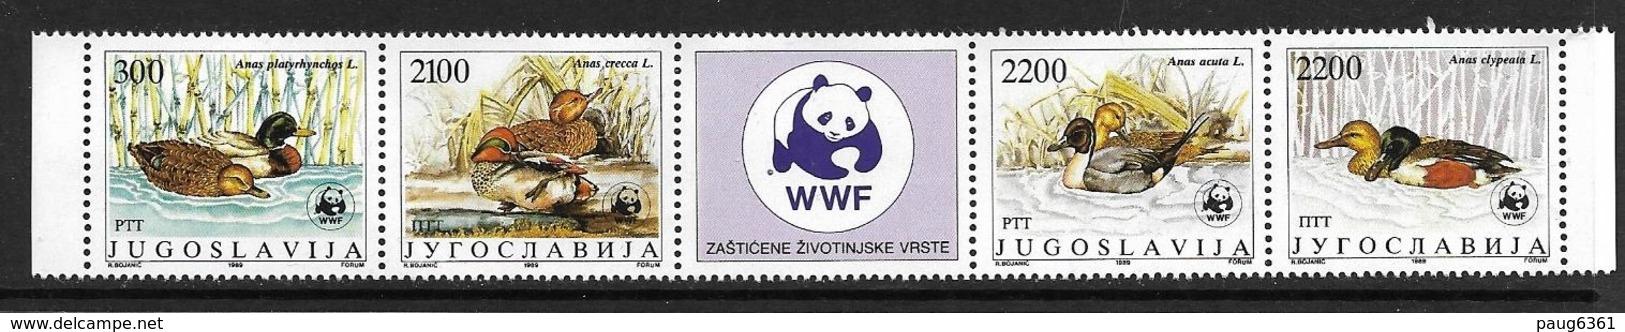 YOUGOSLAVIE 1989 WWF-CANARDS  YVERT N°2111/14  NEUF MNH** - W.W.F.